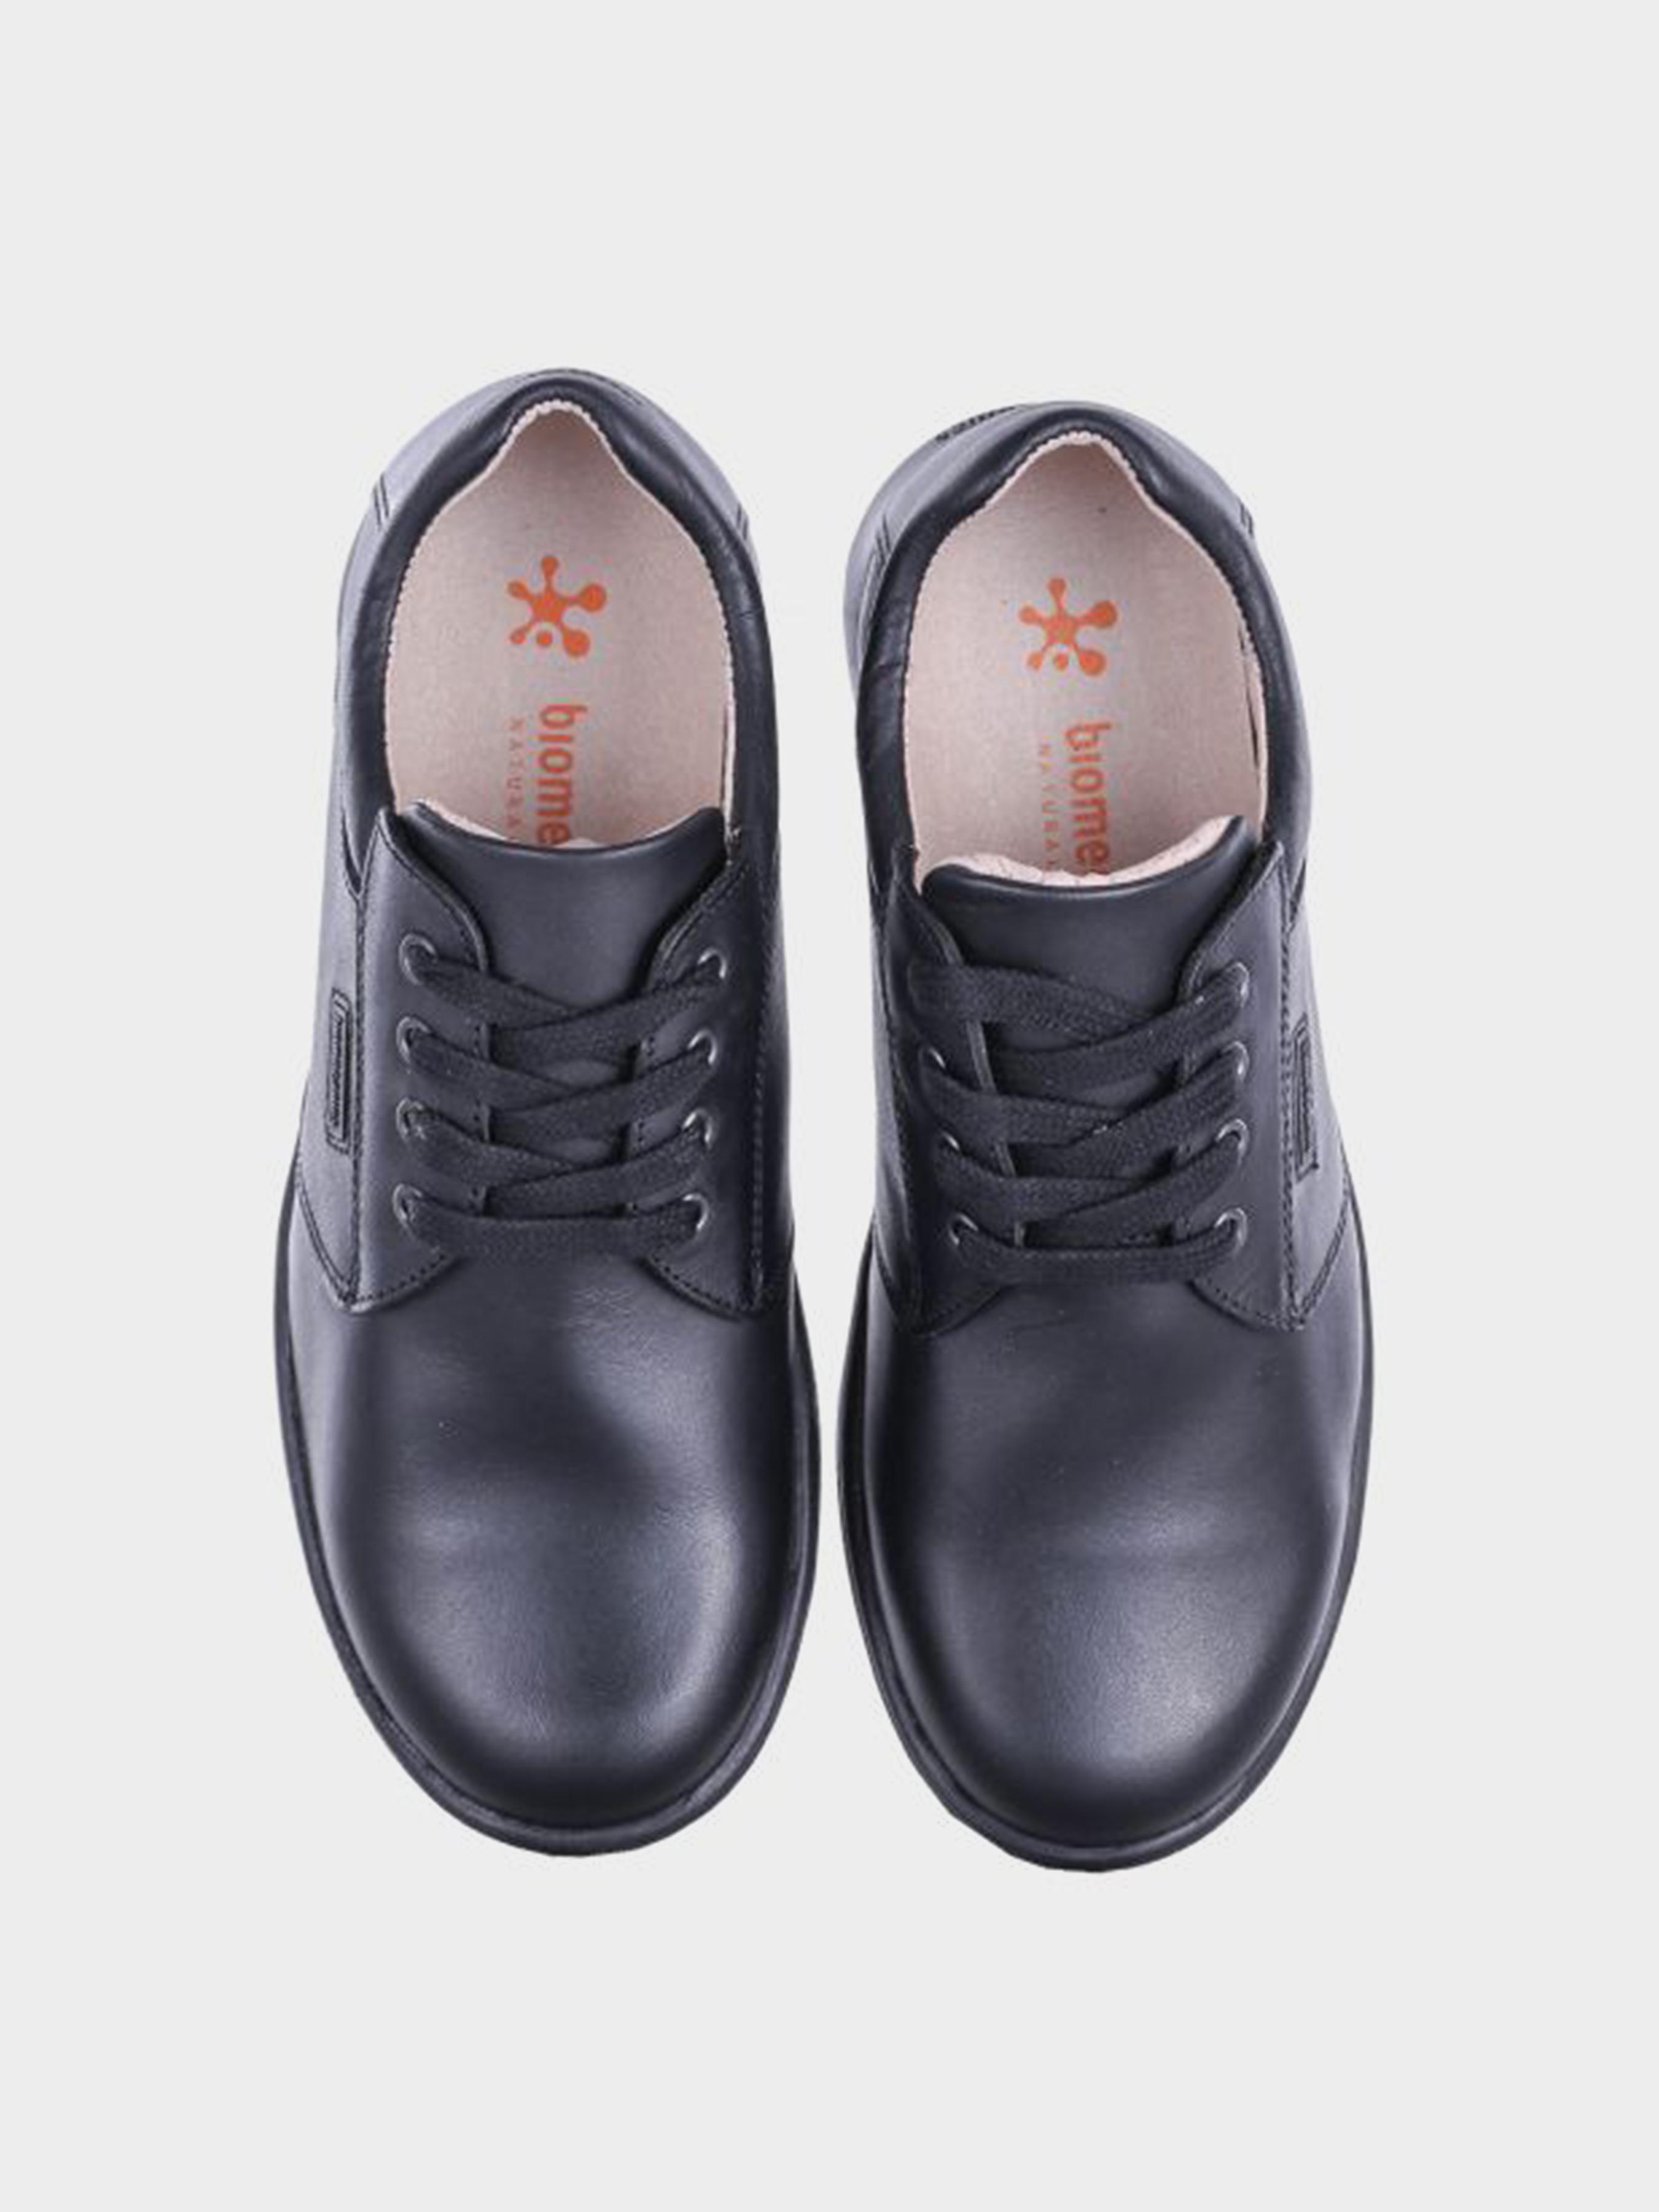 Ботинки детские Biomecanics NEGRO (NAPA) YX69 продажа, 2017